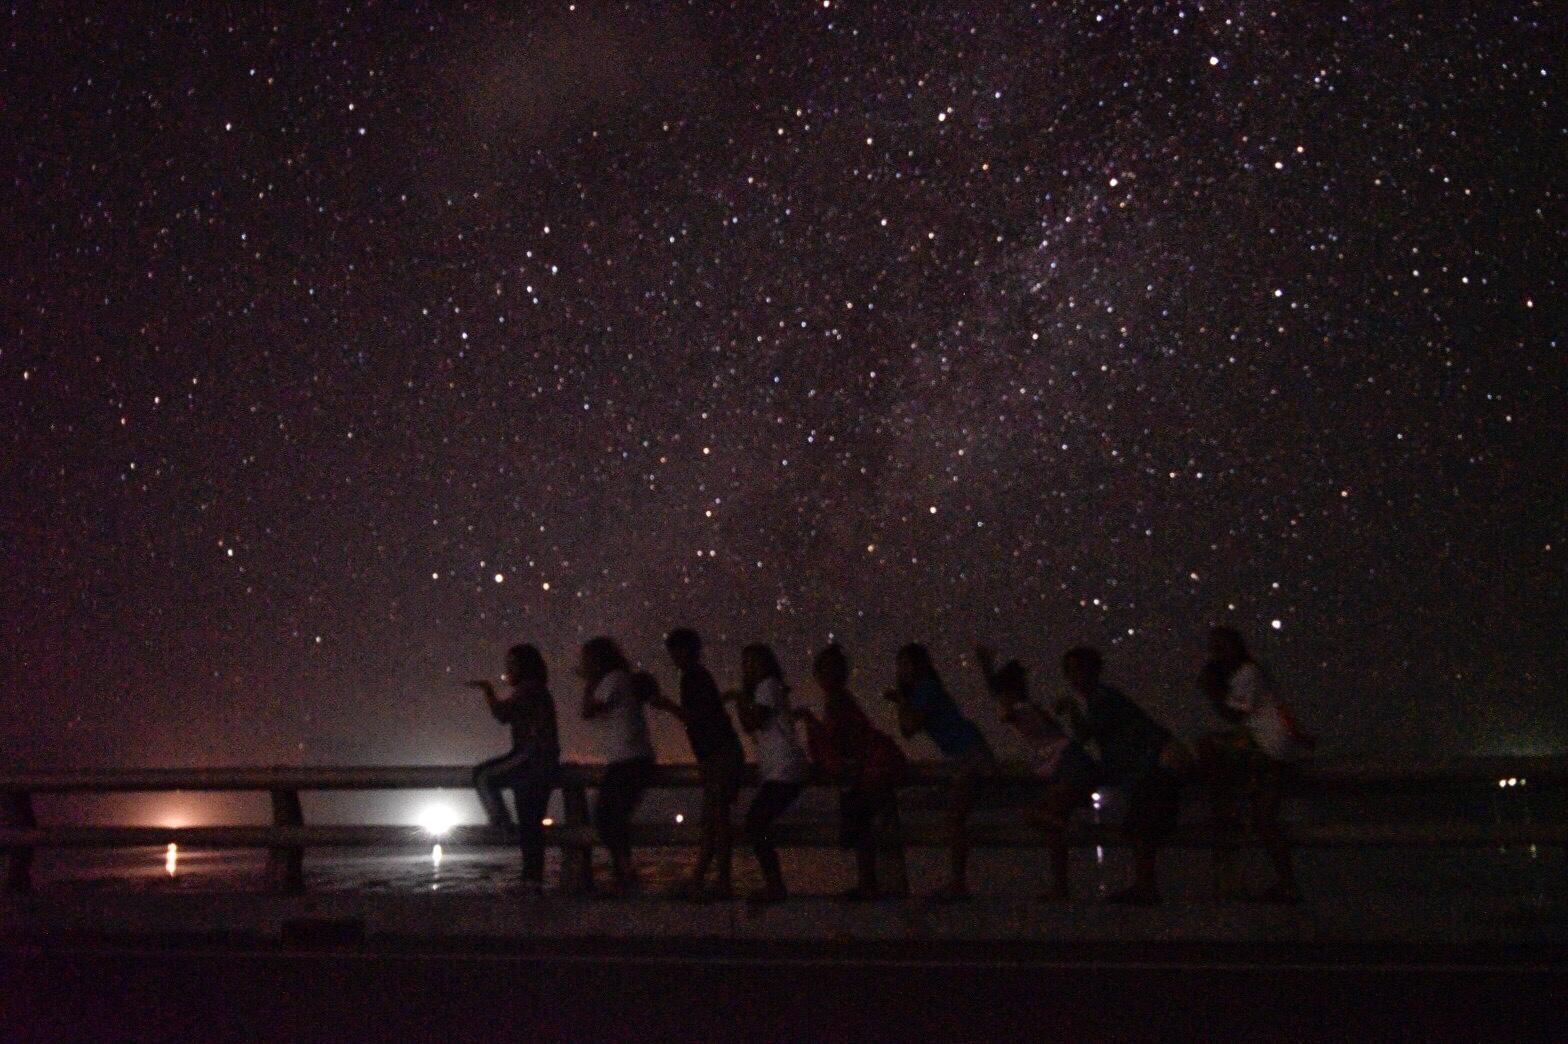 卒業旅行で星空を背景に写真をとる